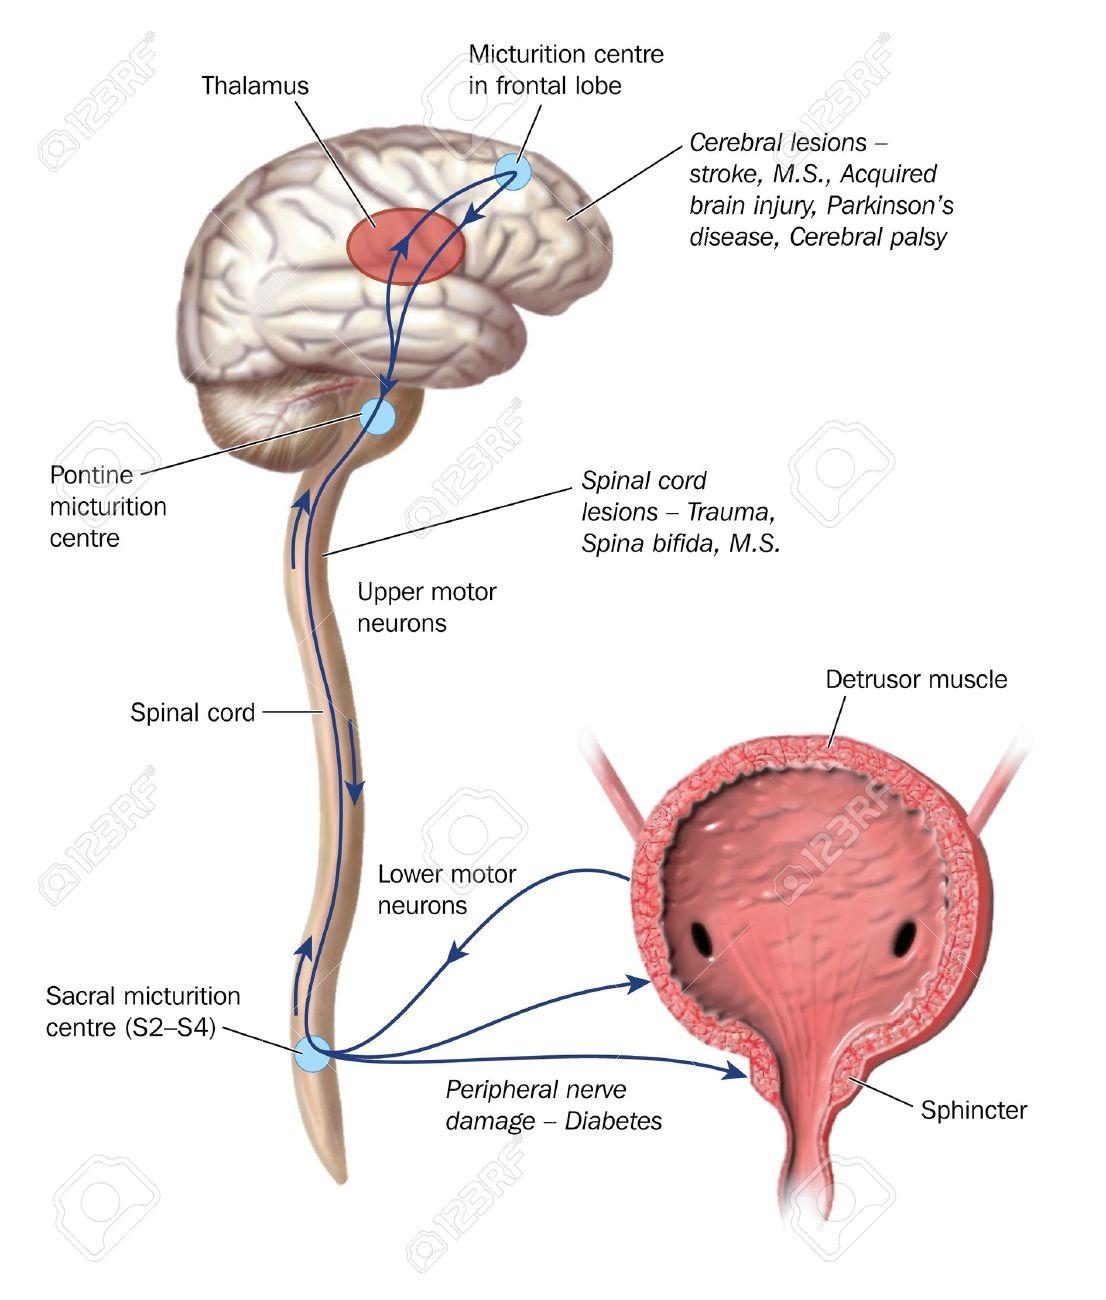 Dibujo Para Mostrar Las Vías Nerviosas Que Orinar Micción De Control ...